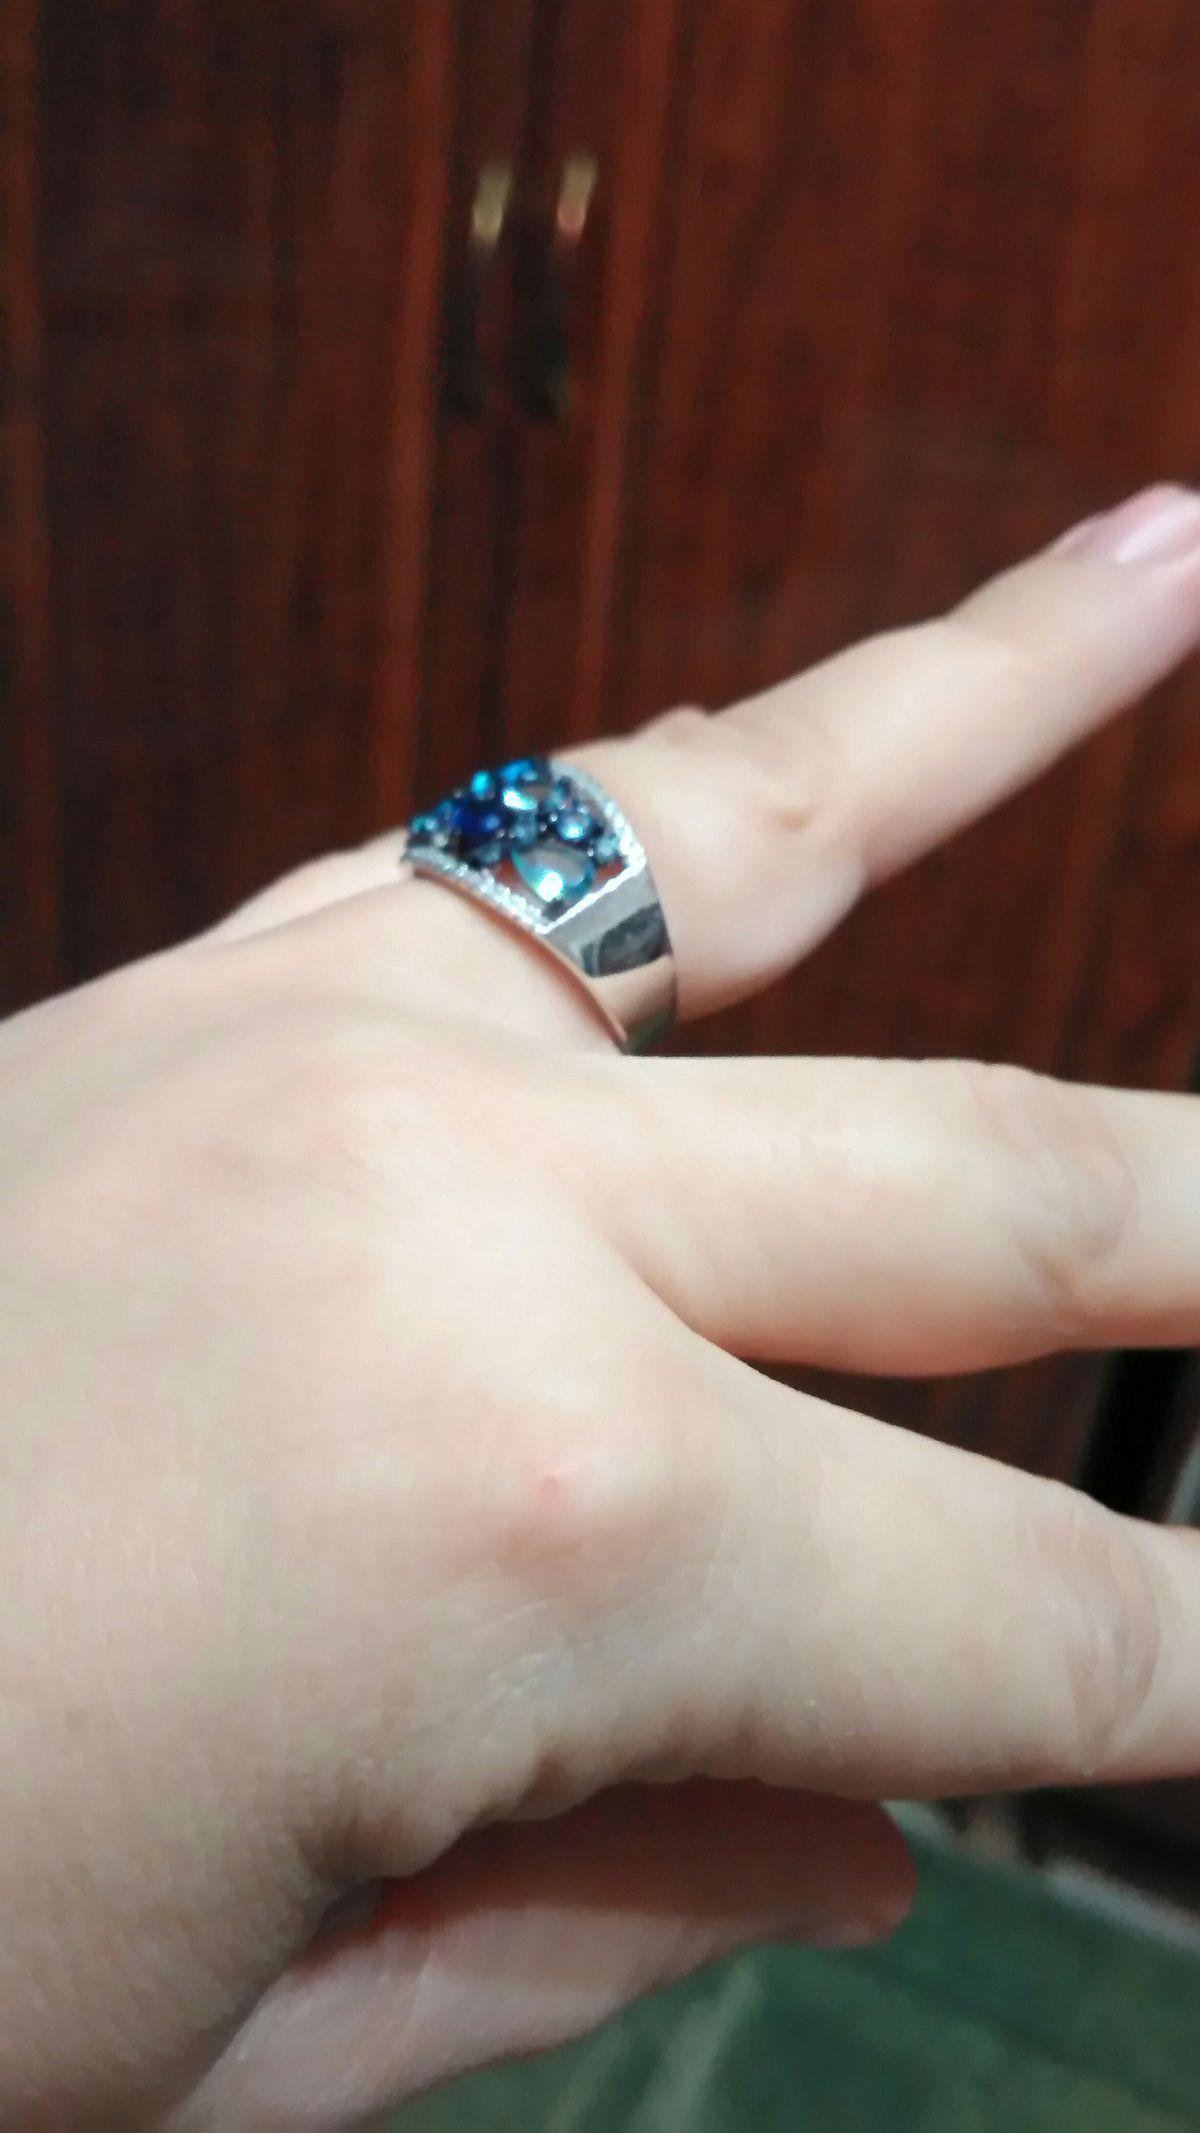 Шикарное кольцо, смотрится дорого, я влюбилась в этот голубой цвет.